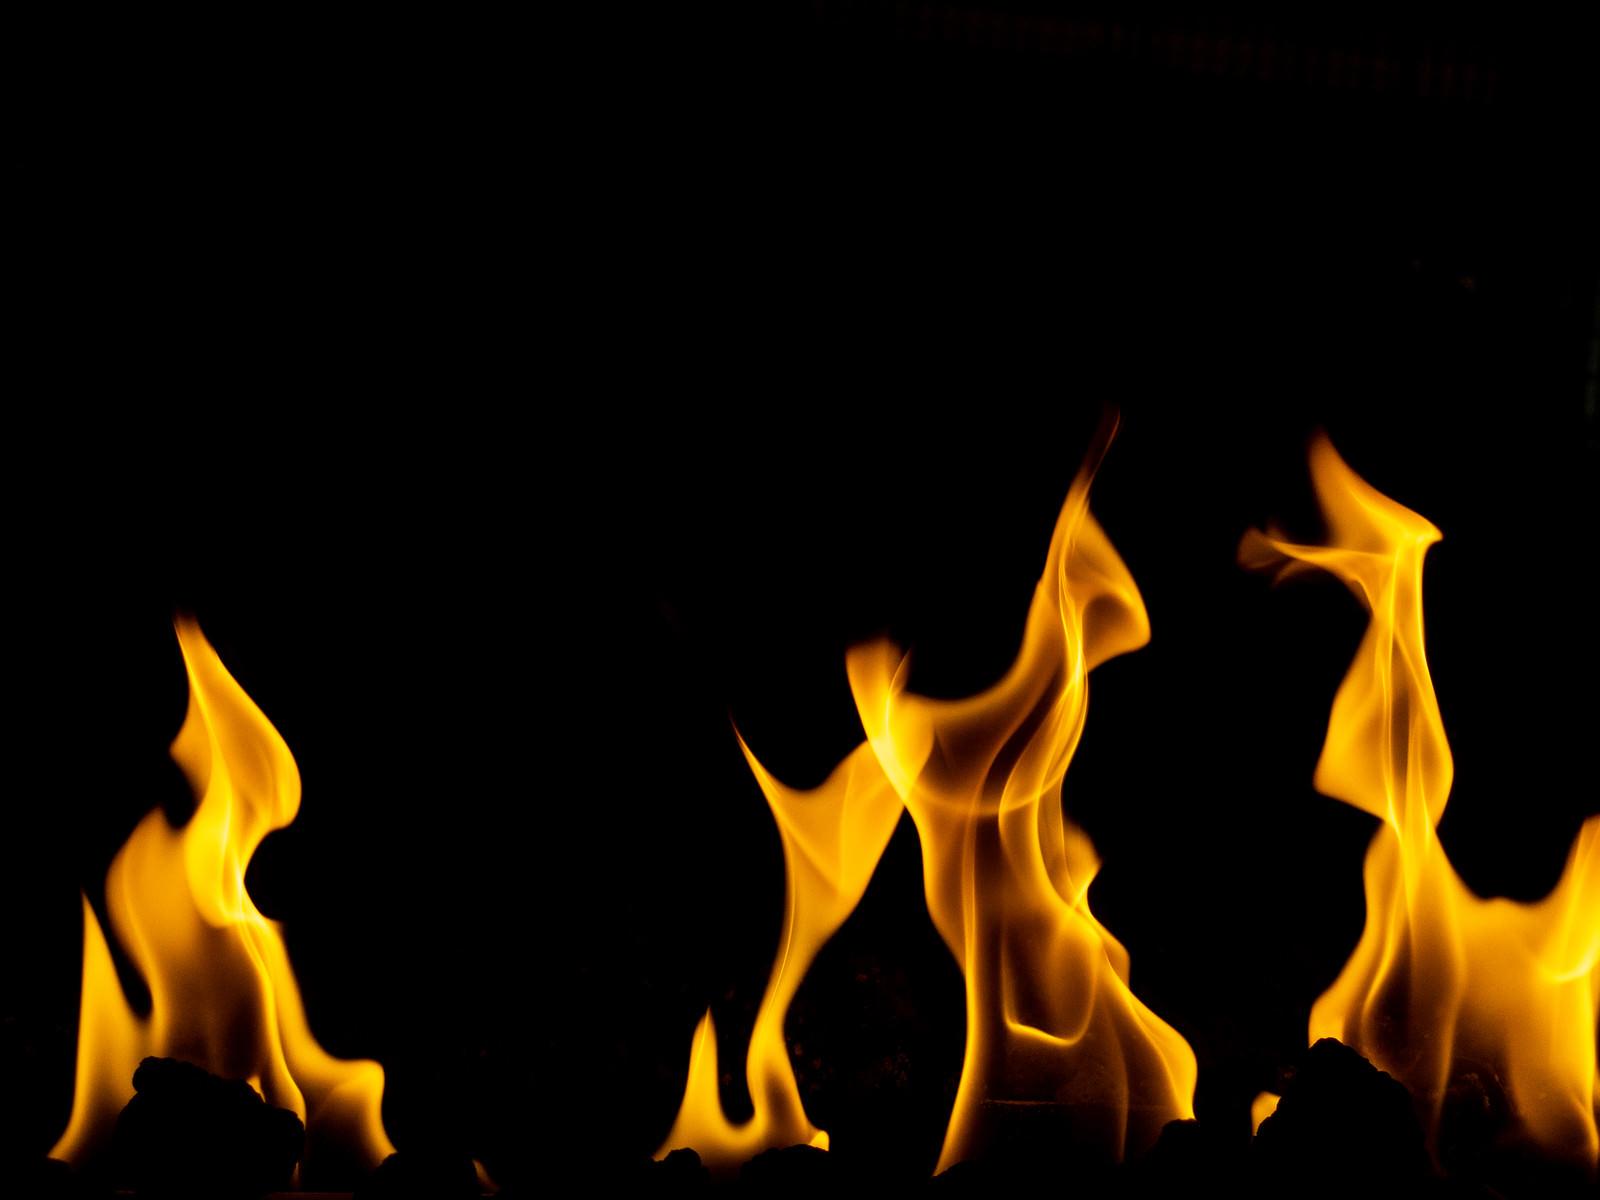 「激しく燃える火」の写真